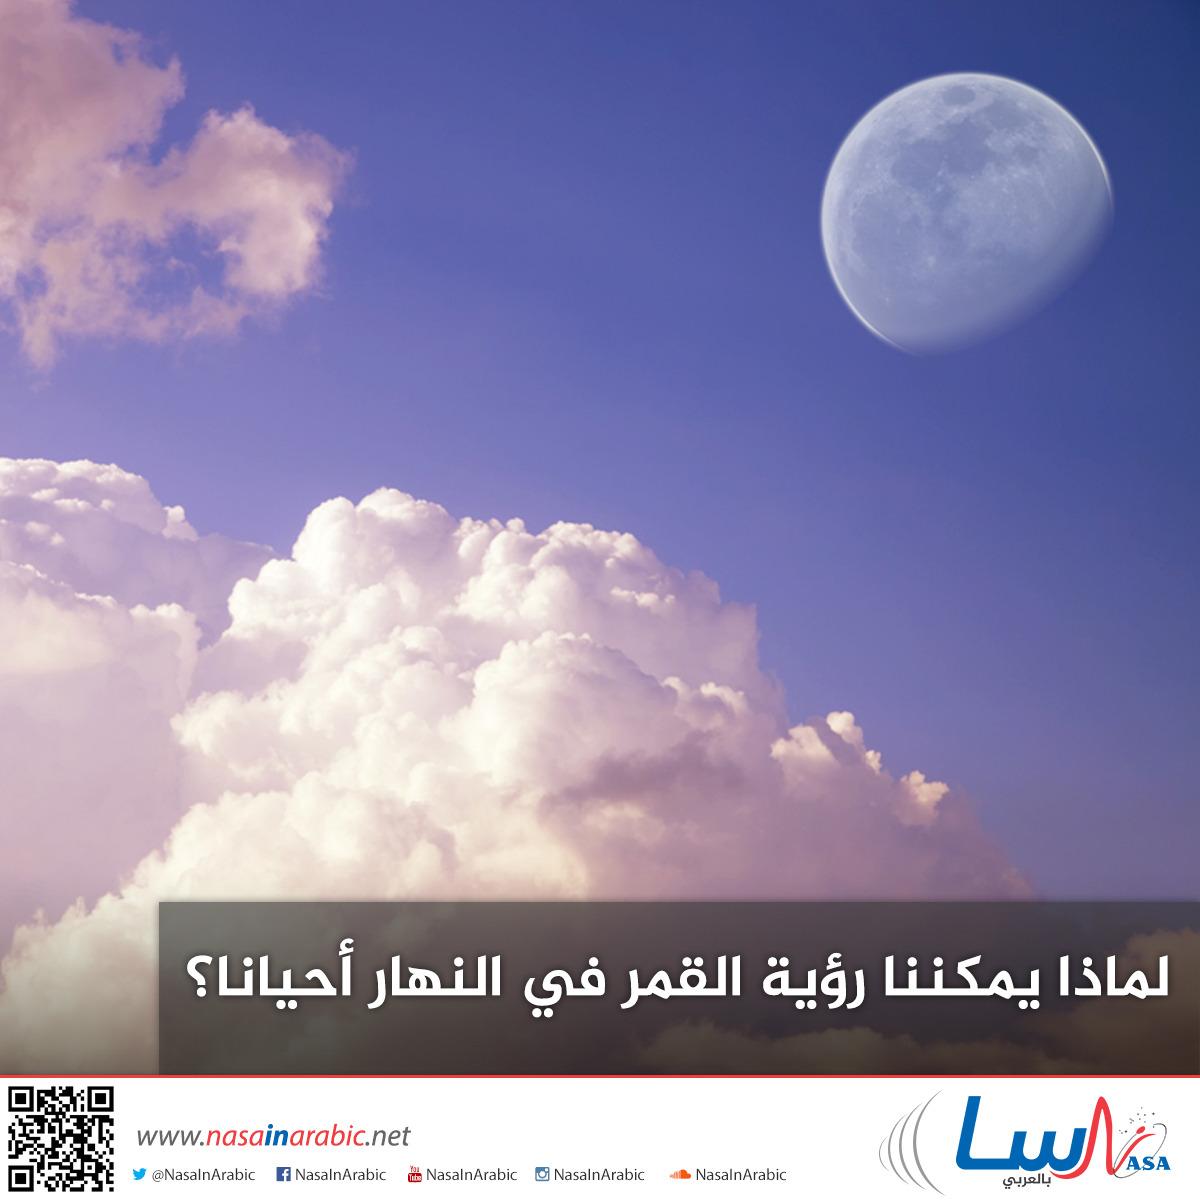 لماذا يمكننا رؤية القمر في النهار أحيانا؟